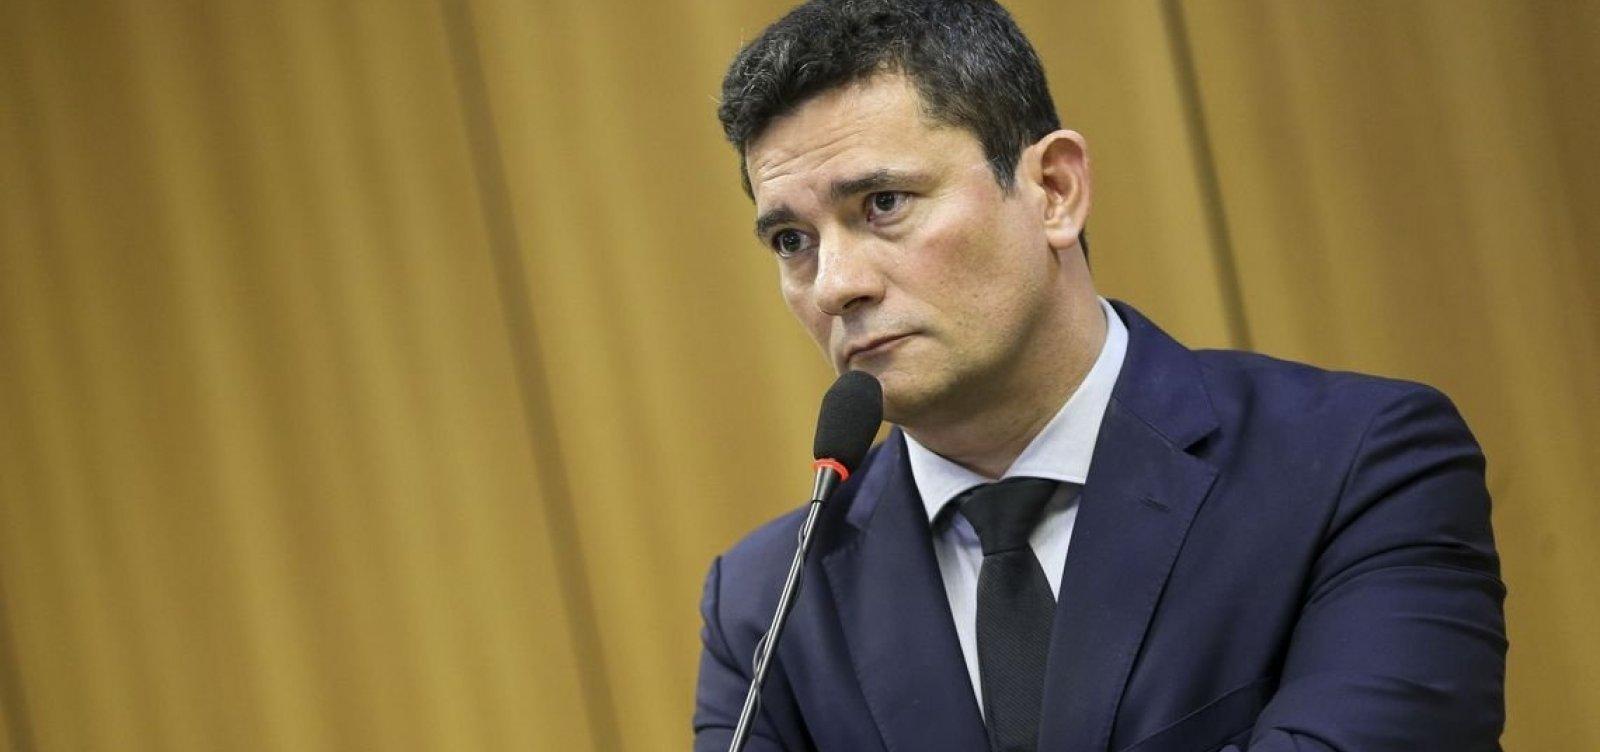 [Moro diz que suspeitas sobre candidaturas 'laranja' do PSL 'têm que ser apuradas']